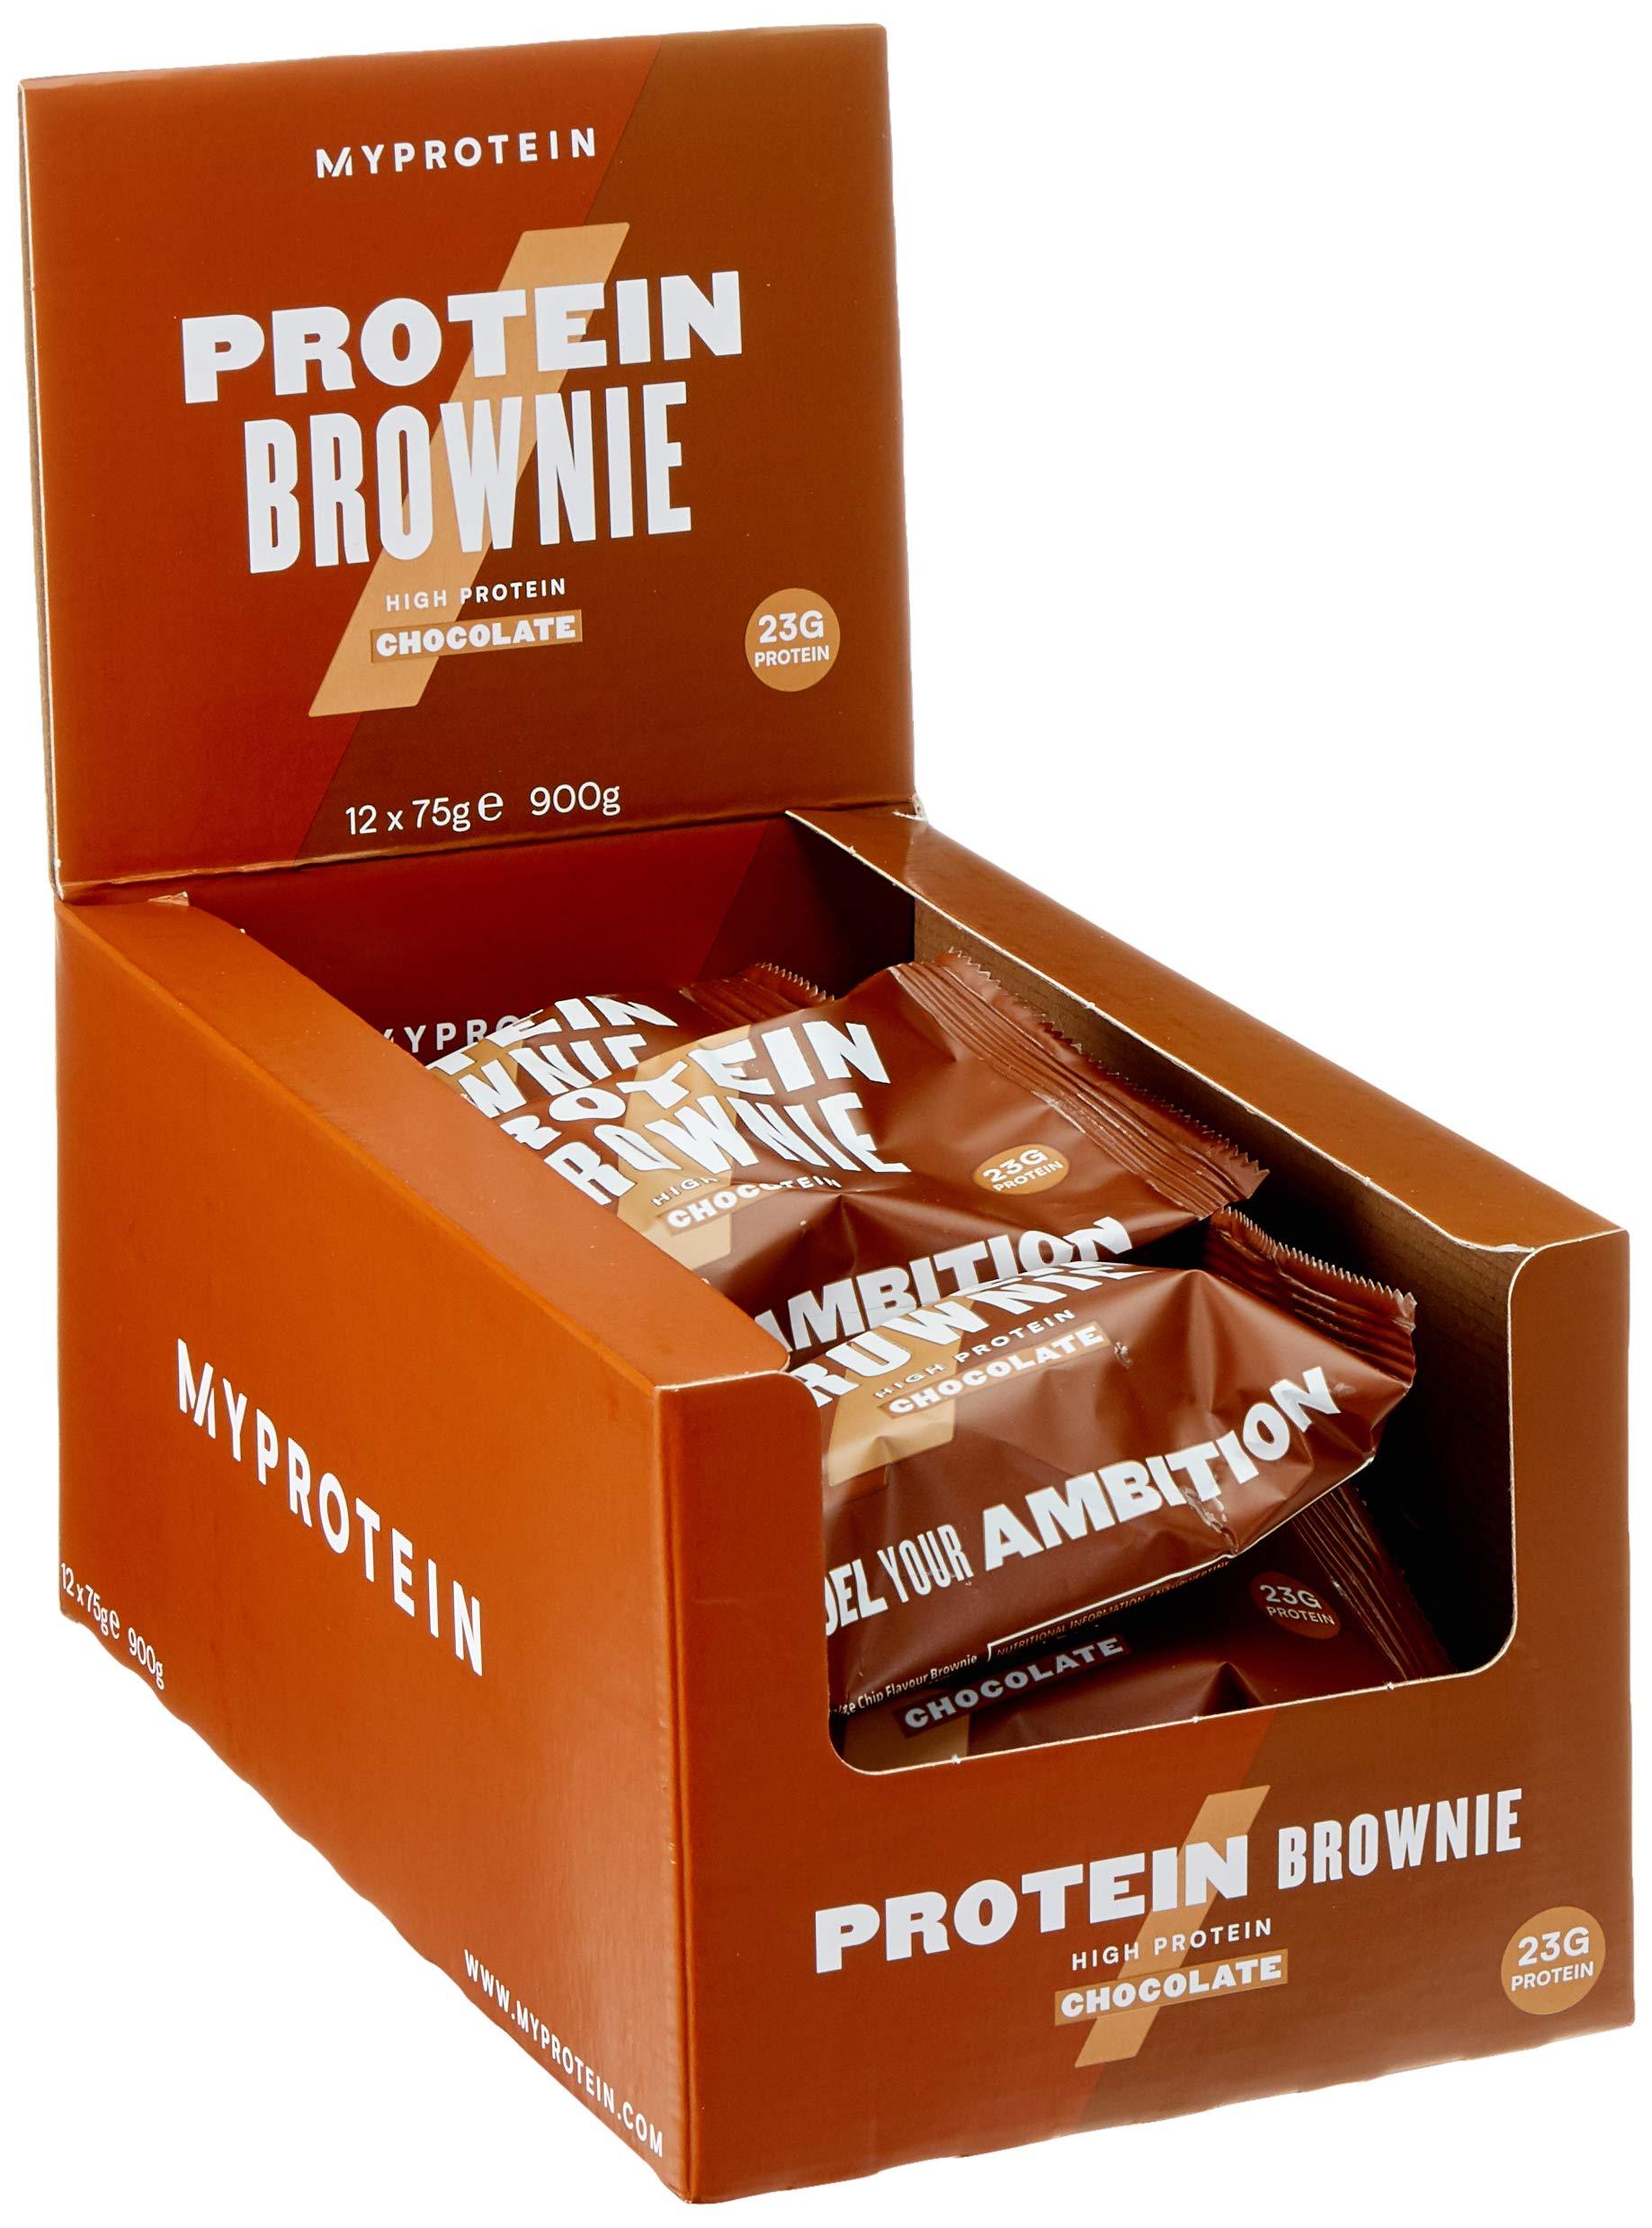 MyProtein Protein Brownie, Chocolate Chip, 23g Protein, (12 Pack) by Myprotein (Image #5)